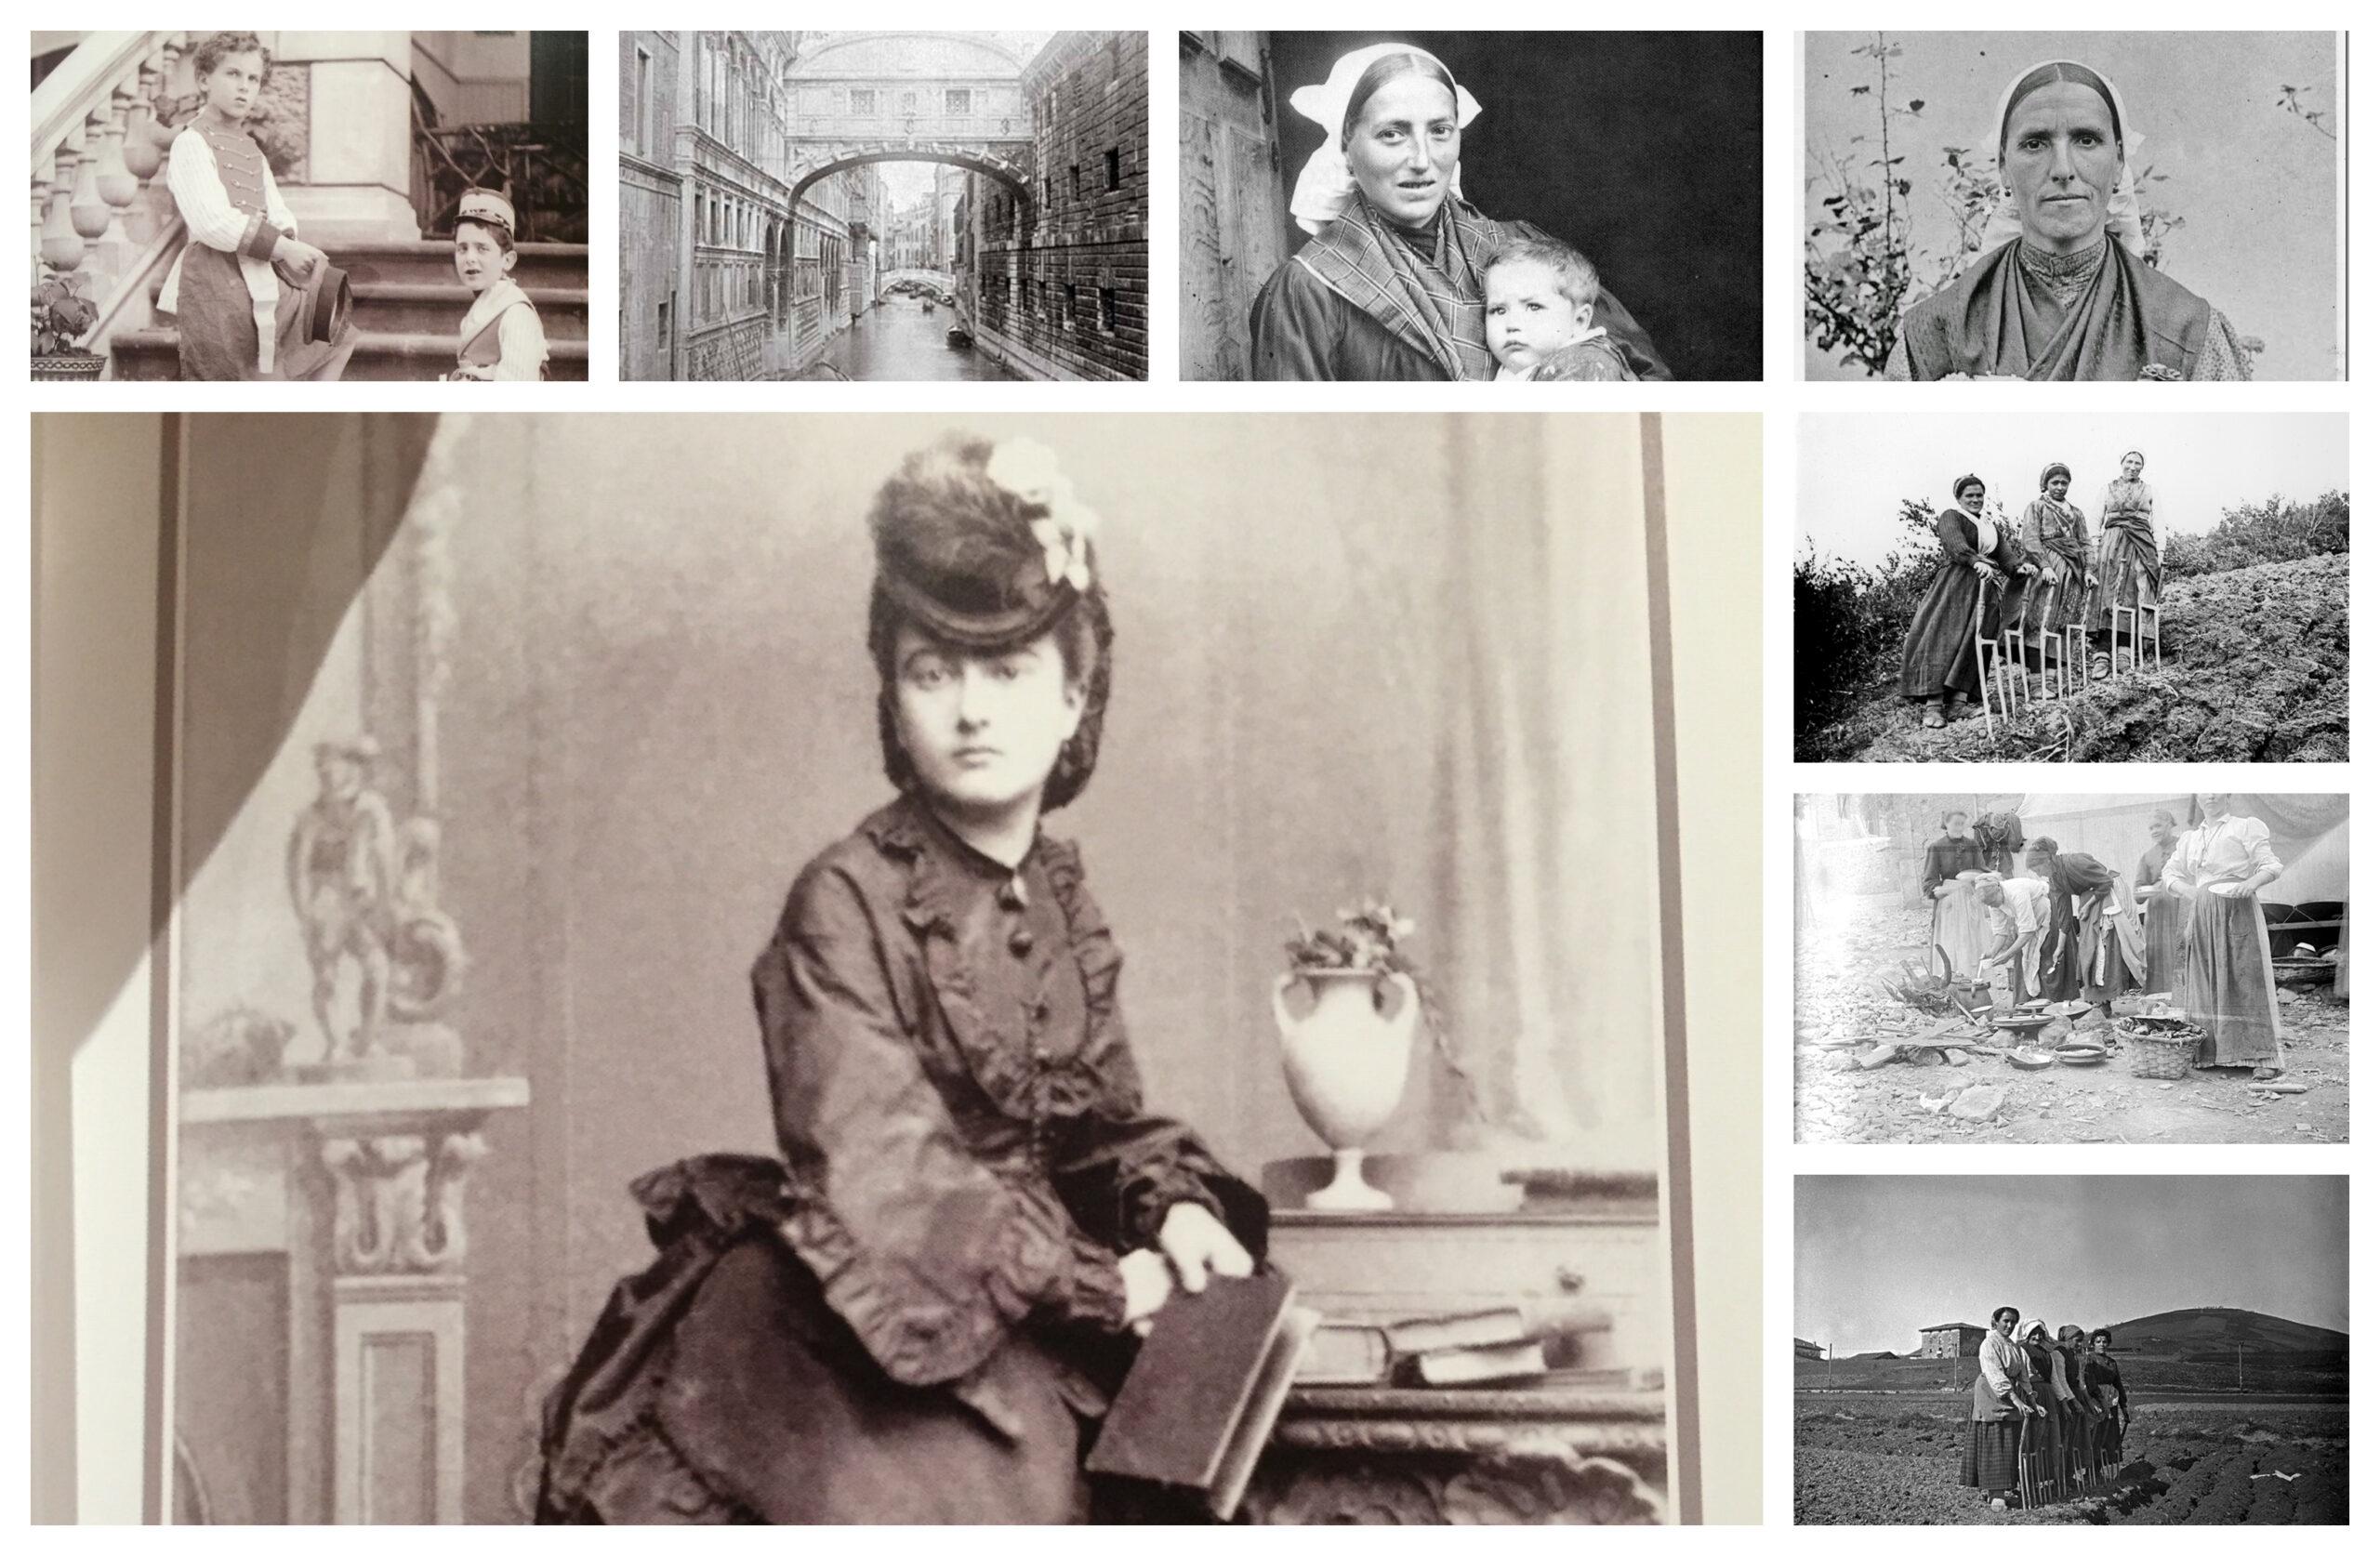 Eulalia Abaitua (1853-1946), la primera fotógrafa vasca de la que se tiene constancia